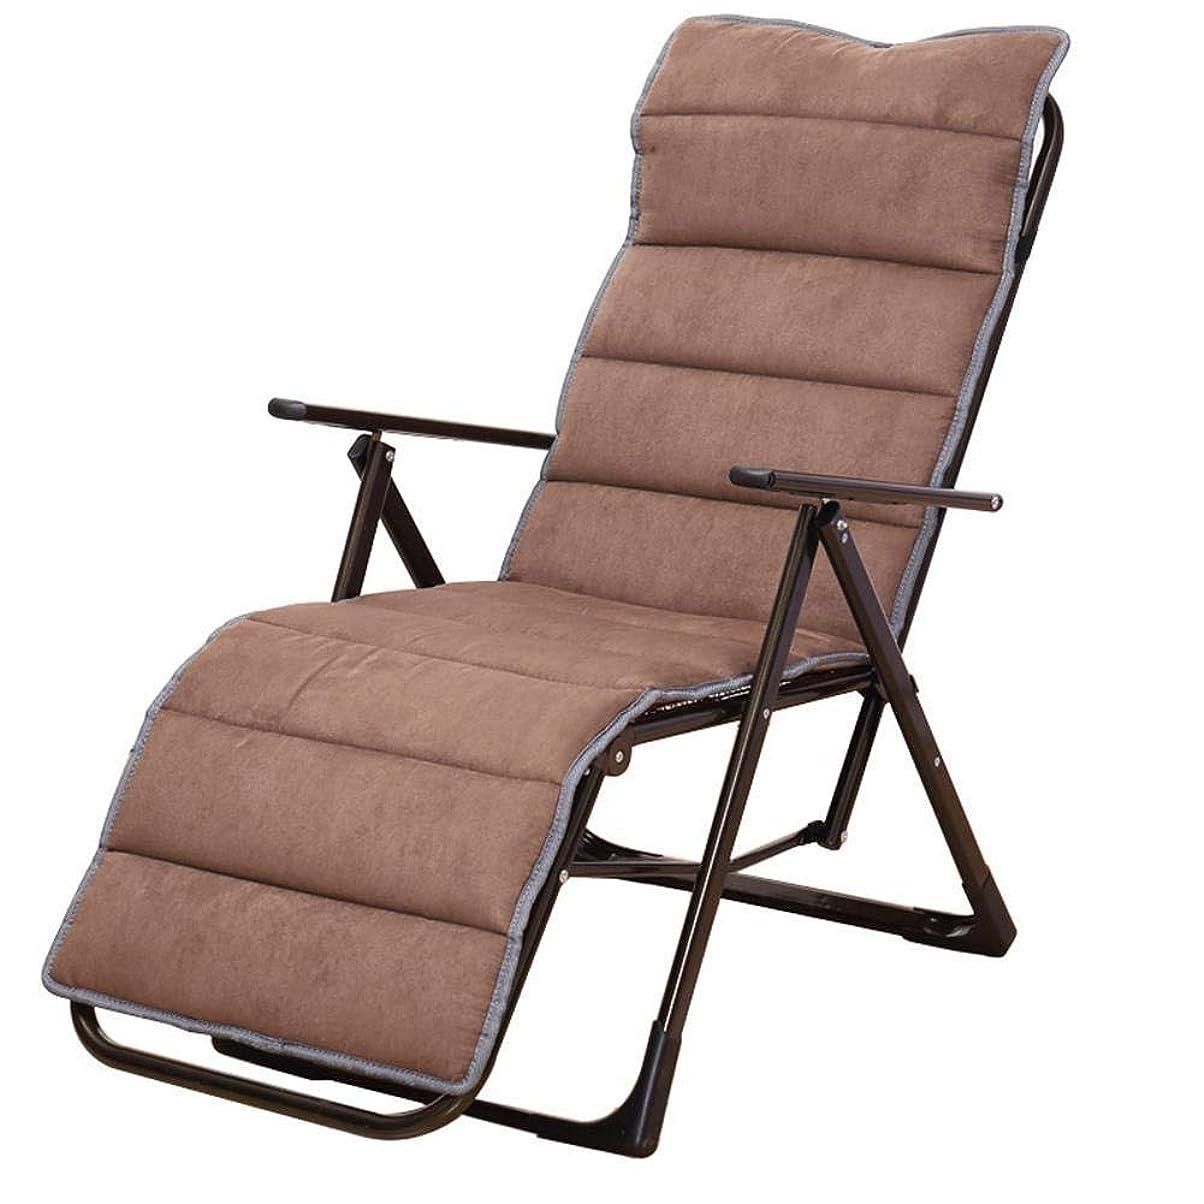 バンク交じるポータブル折りたたみ椅子ブラウン折りたたみラウンジャーシンプルなファッションチェアリビングルーム多機能ガーデンチェアコットンリムーバブルパッド